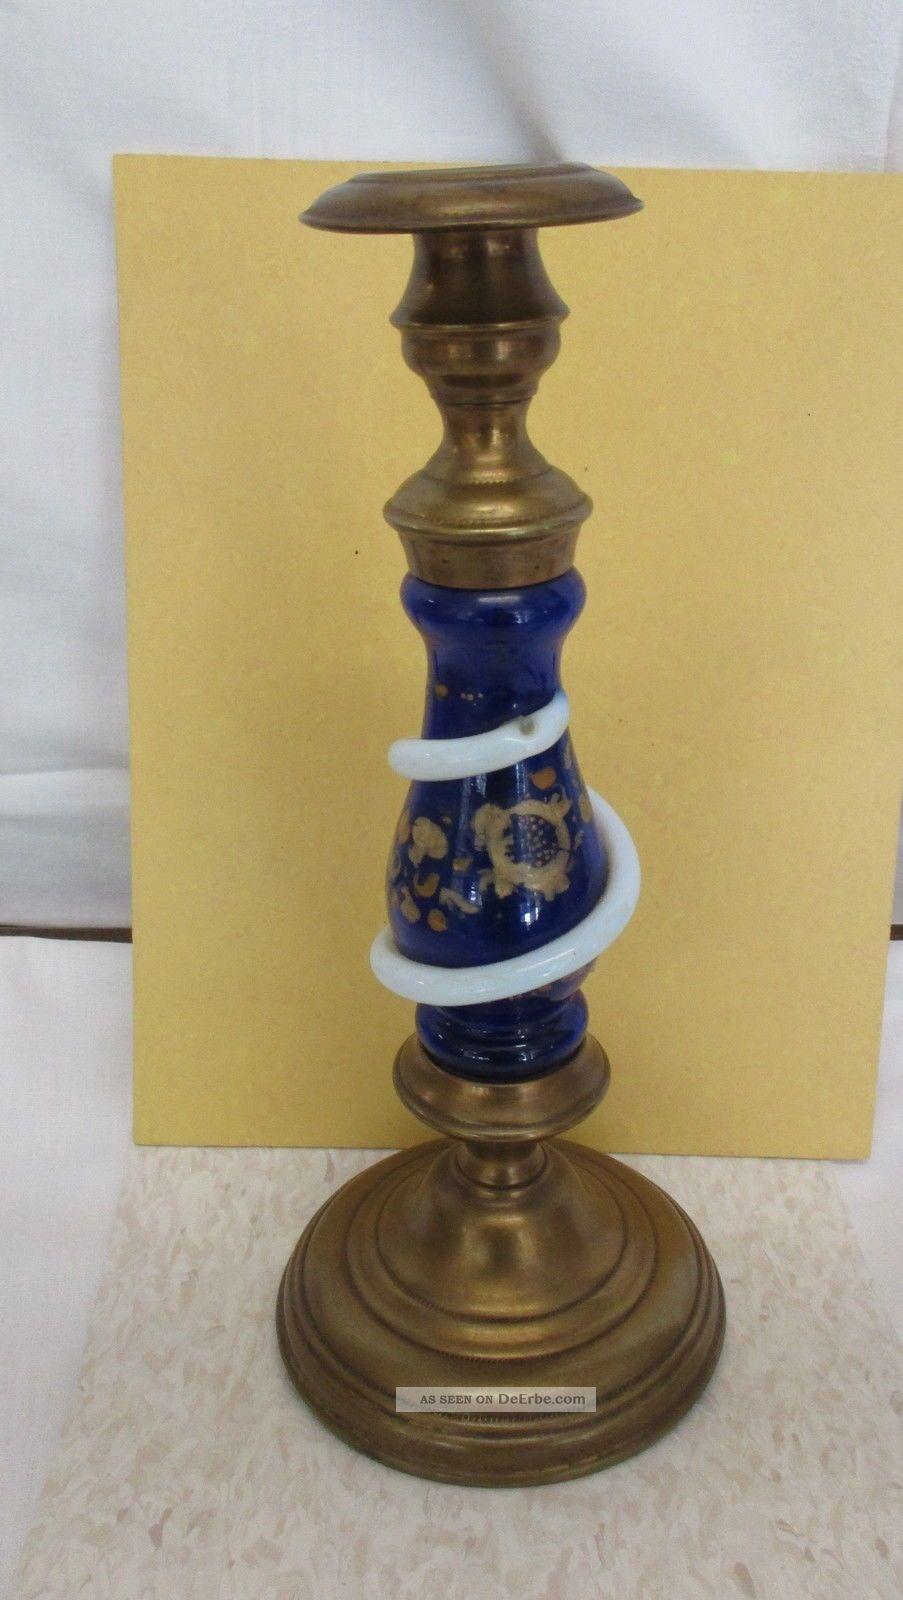 Um 1840 Kerzenhalter Mit Umlegtem Blauglas,  Handbemalt - Messingkörper Glas & Kristall Bild